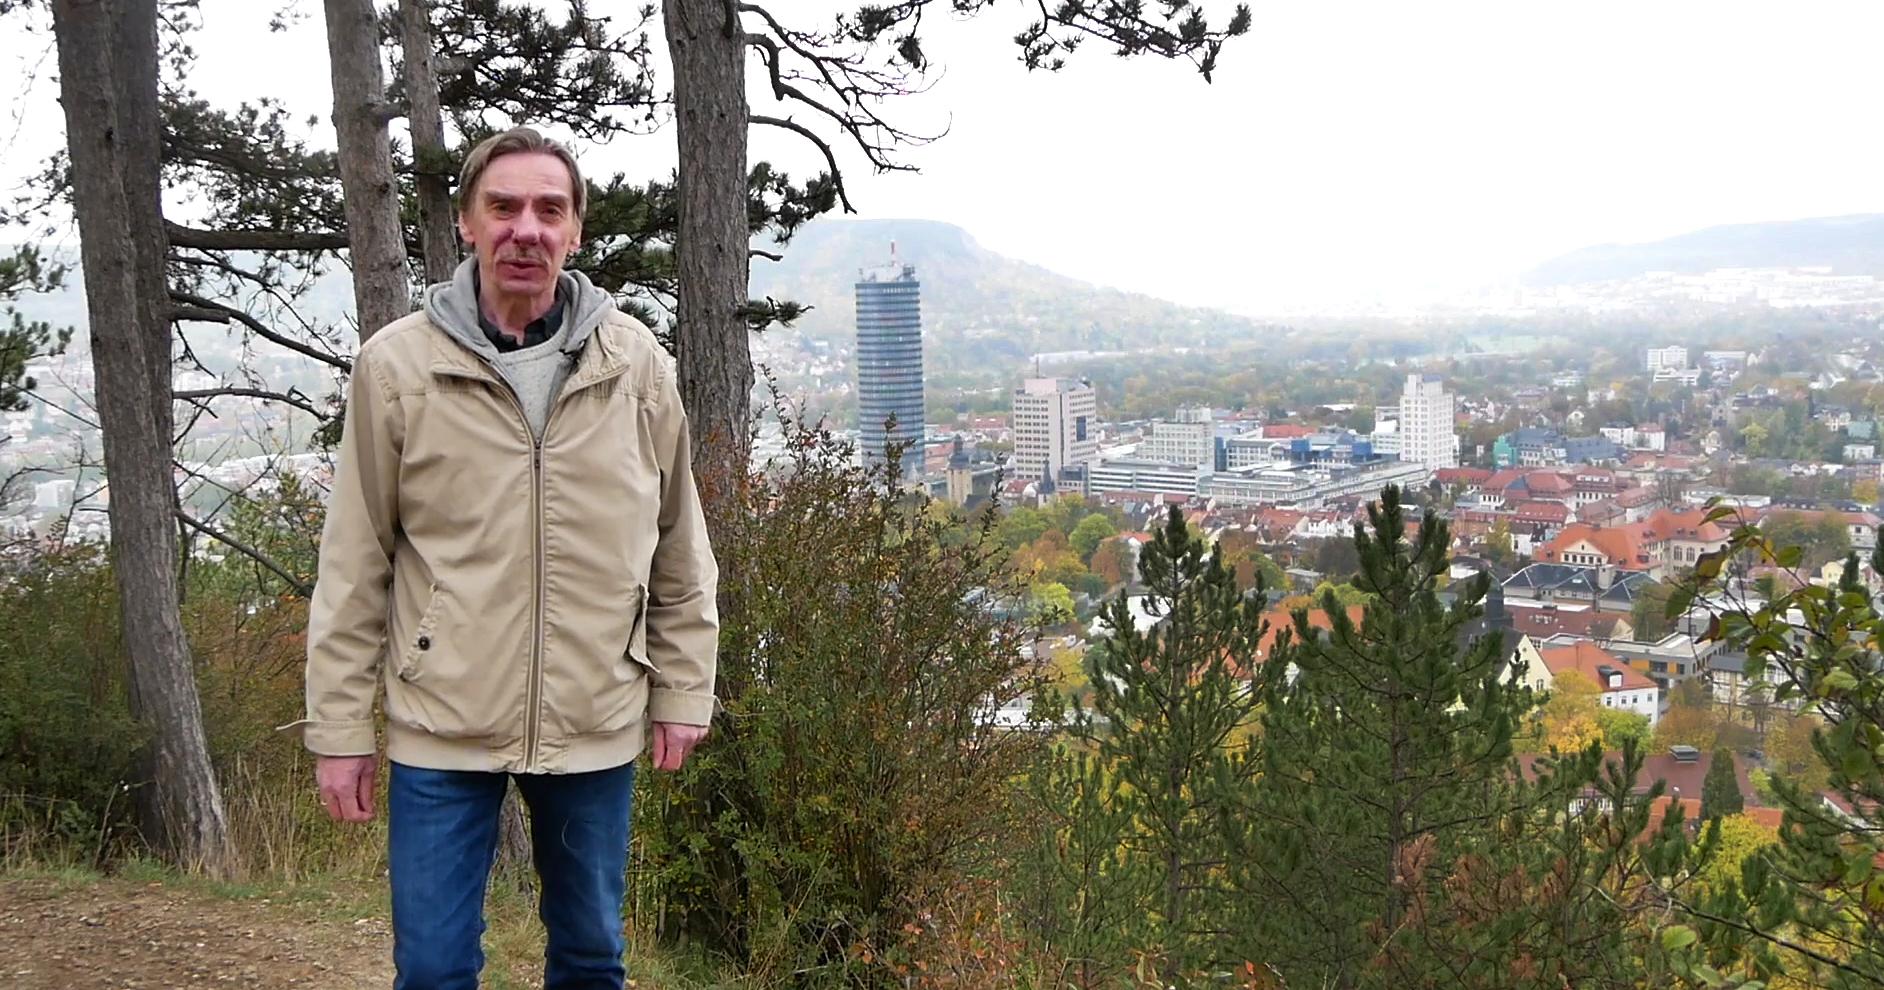 Stadthistoriker Dr. Rüdiger Stutz auf dem Landgrafen mit Blick ins Zentrum der Lichtstadt Jena